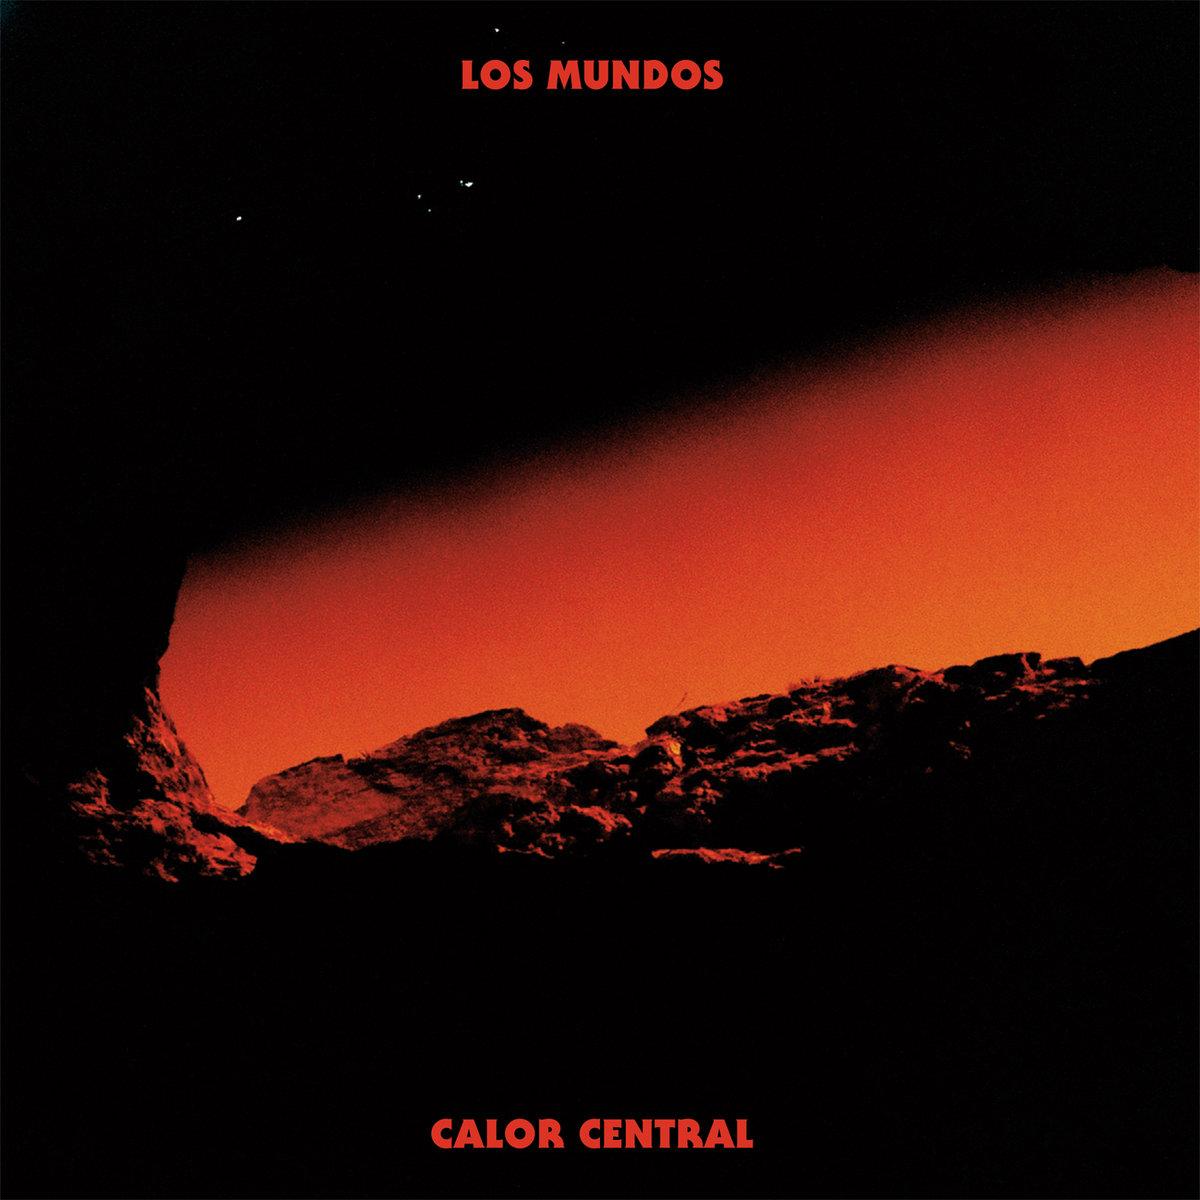 Los Mundos Calor Central